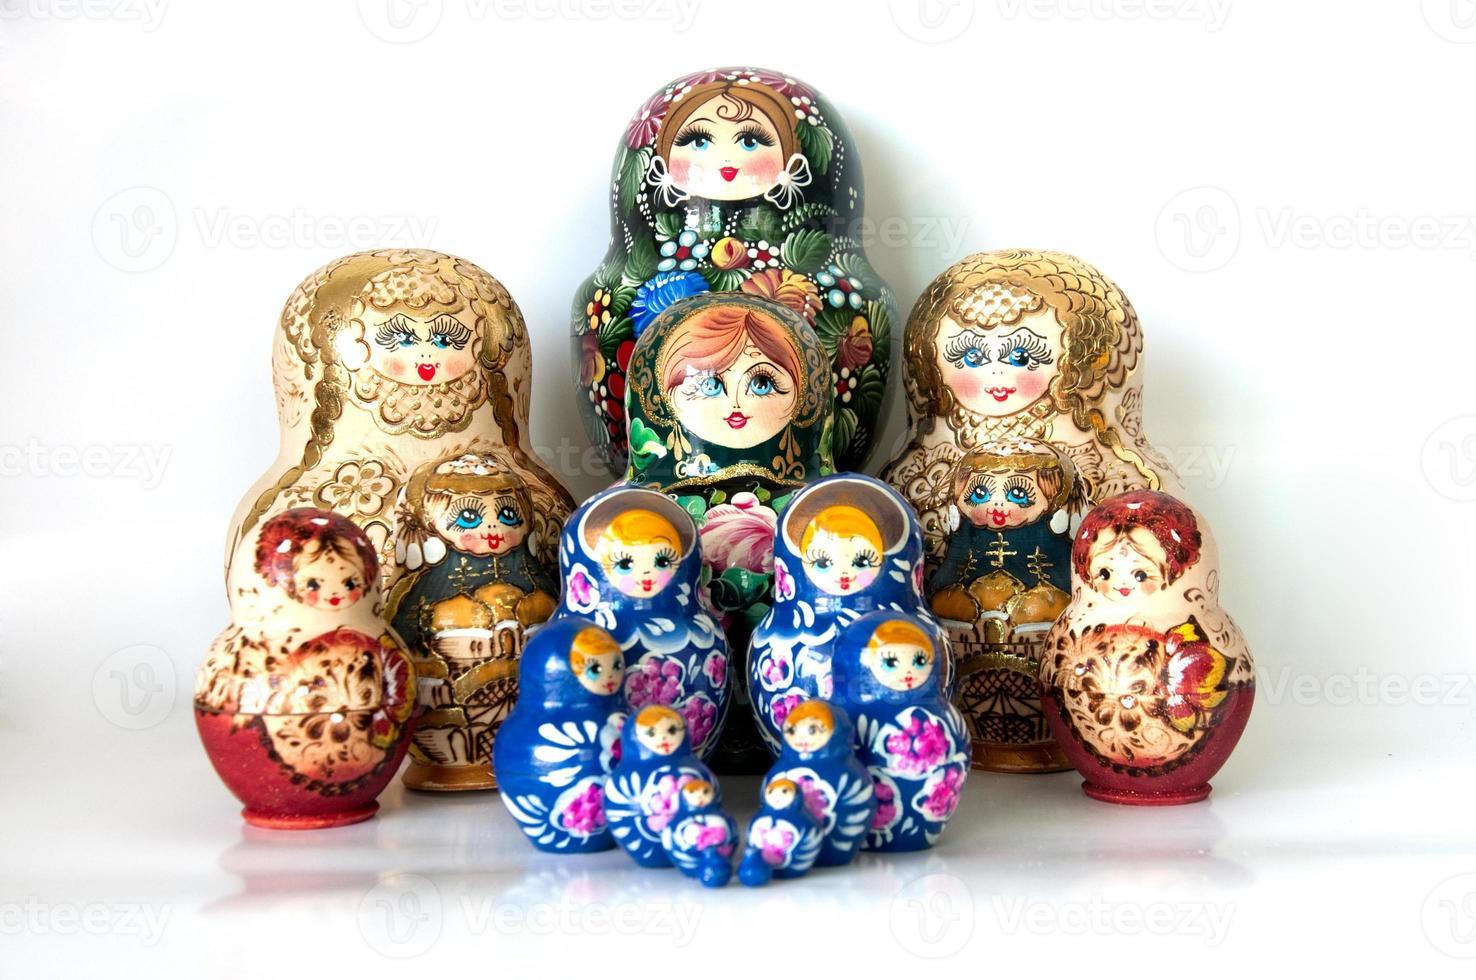 família de bonecas russas aninhadas foto